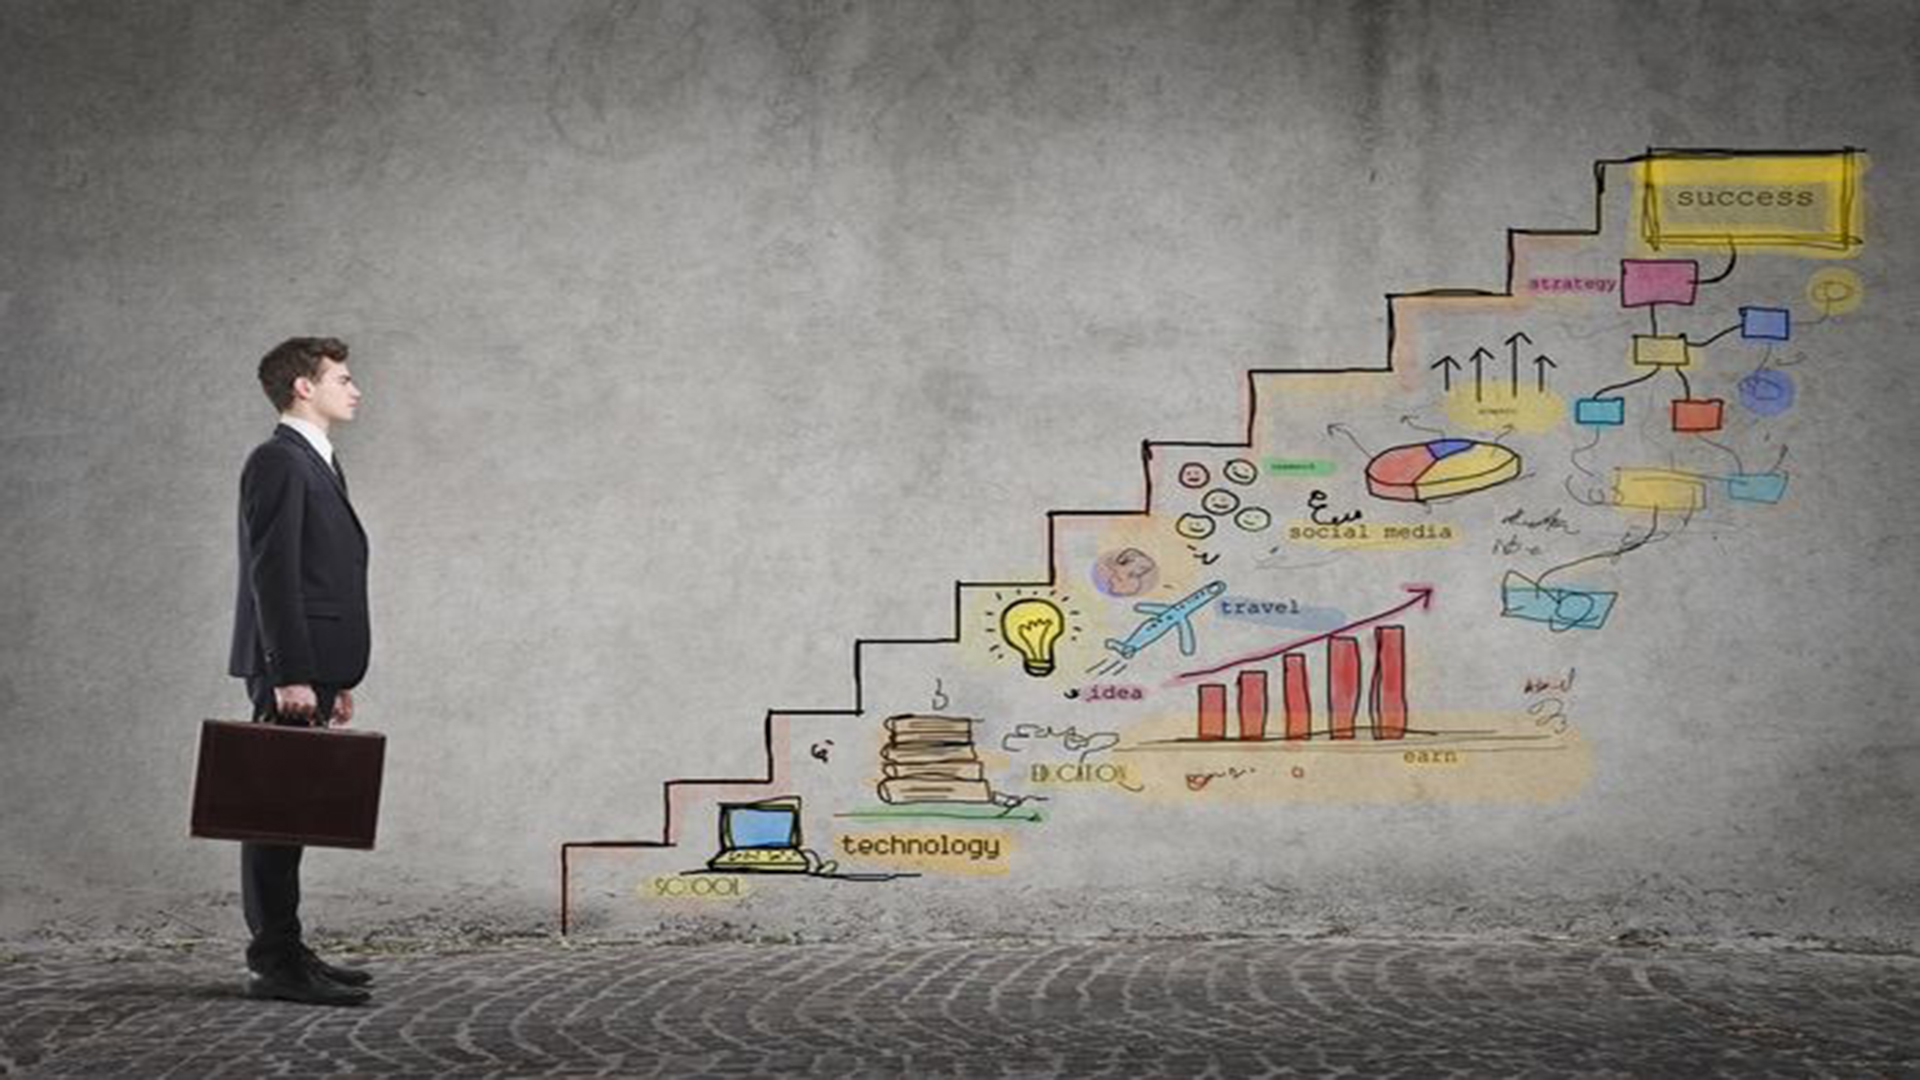 Emprendedor, ¿estás preparado para aprovechar las oportunidades?